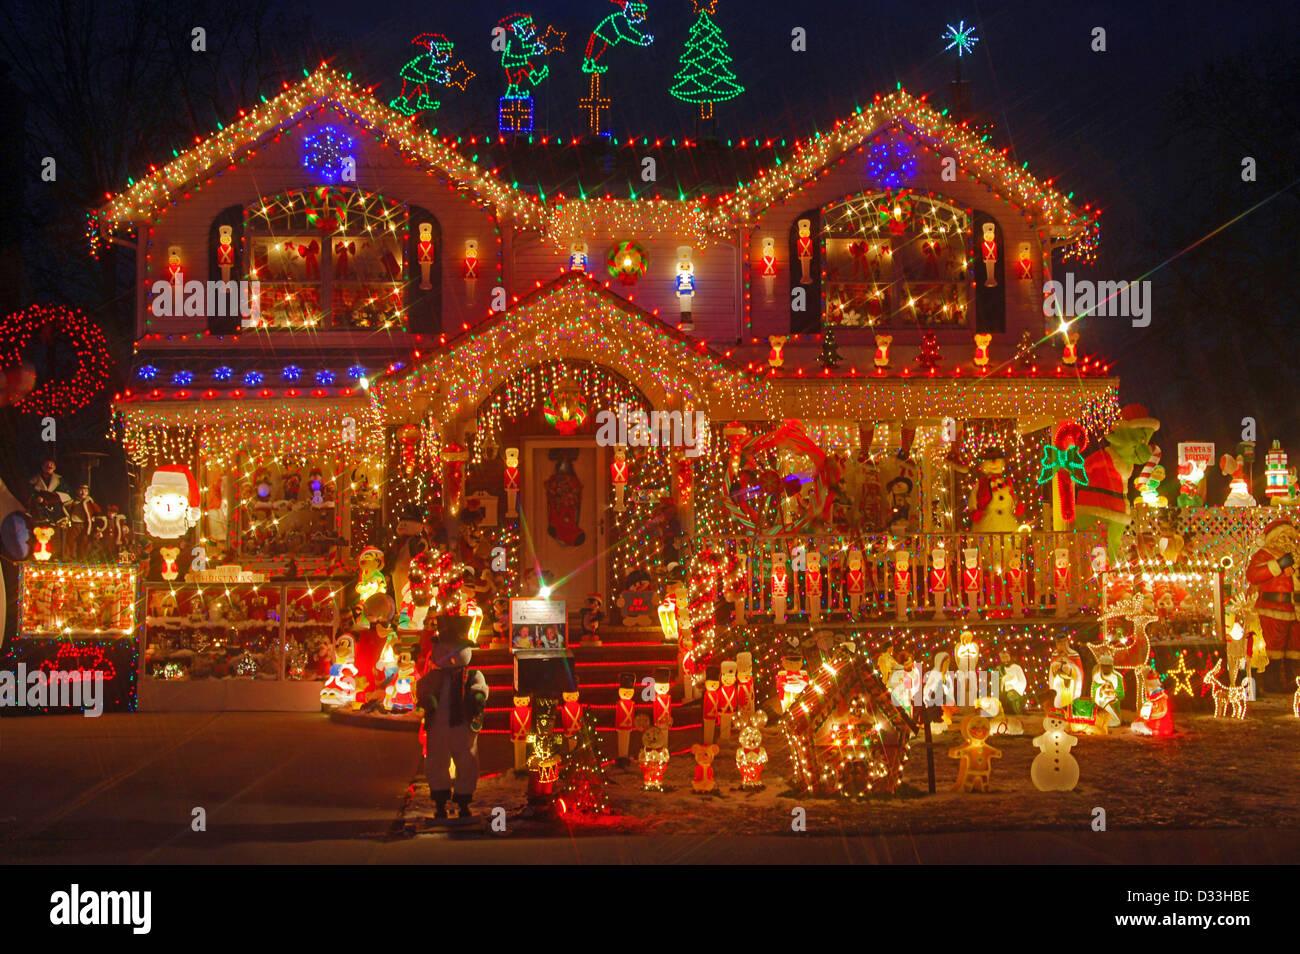 Haus Weihnachtsbeleuchtung.Haus In Bayside Queens New York Mit Sehr Aufwendigen